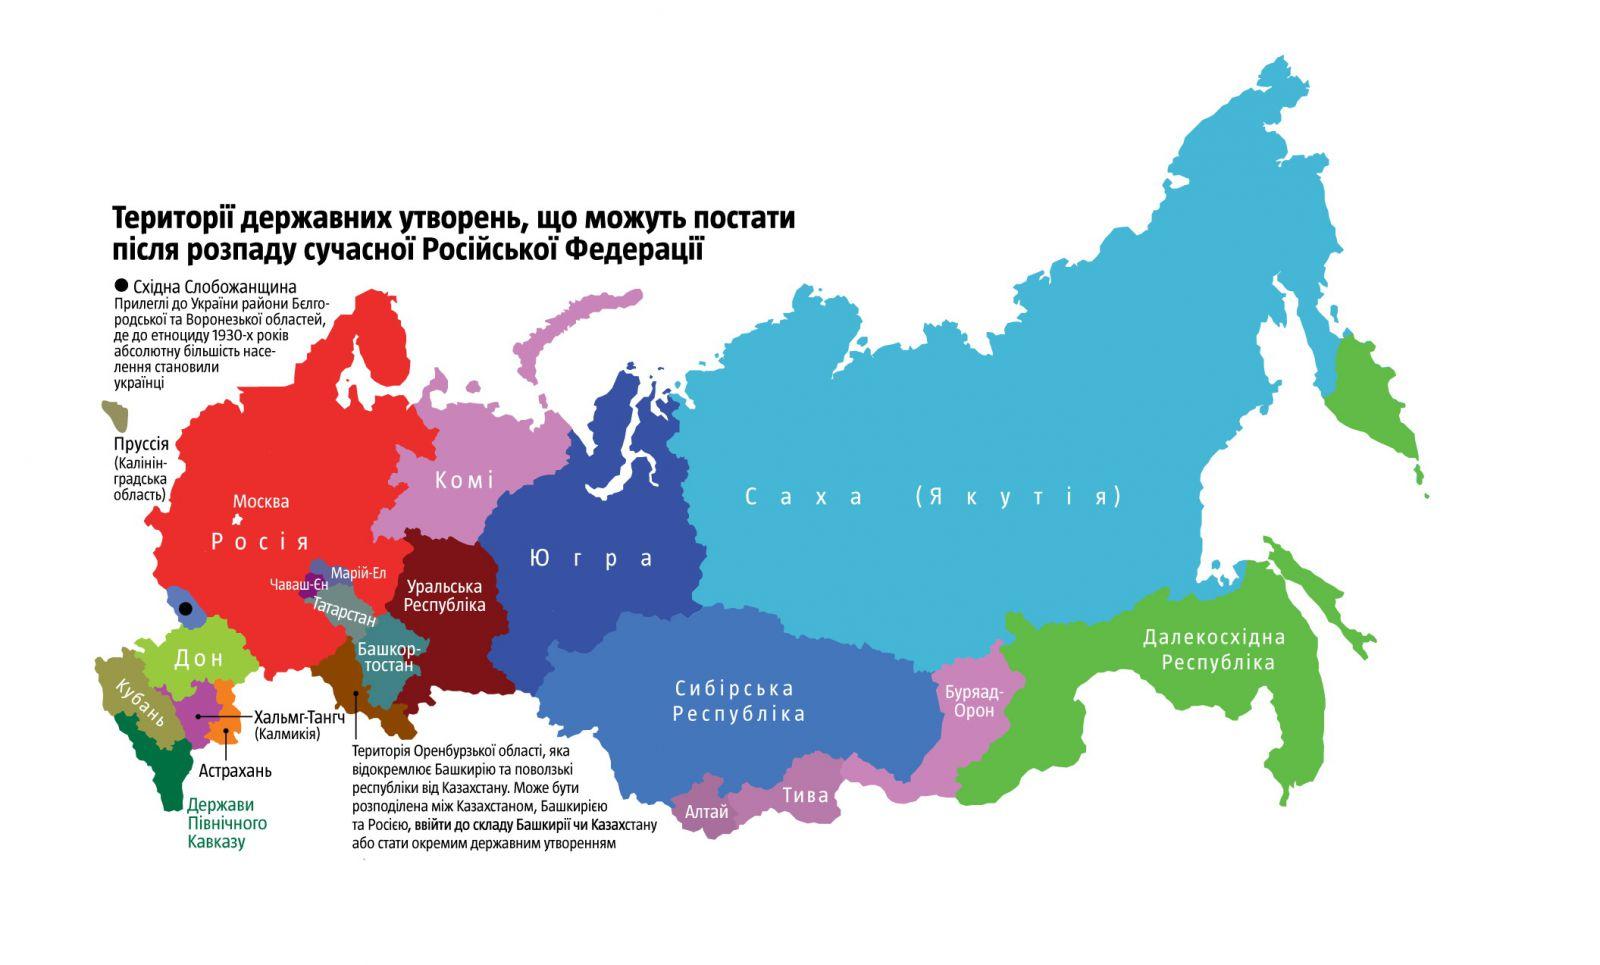 Порошенко одобрил создание Донецкой и Луганской областных военно-гражданских администраций - Цензор.НЕТ 7868